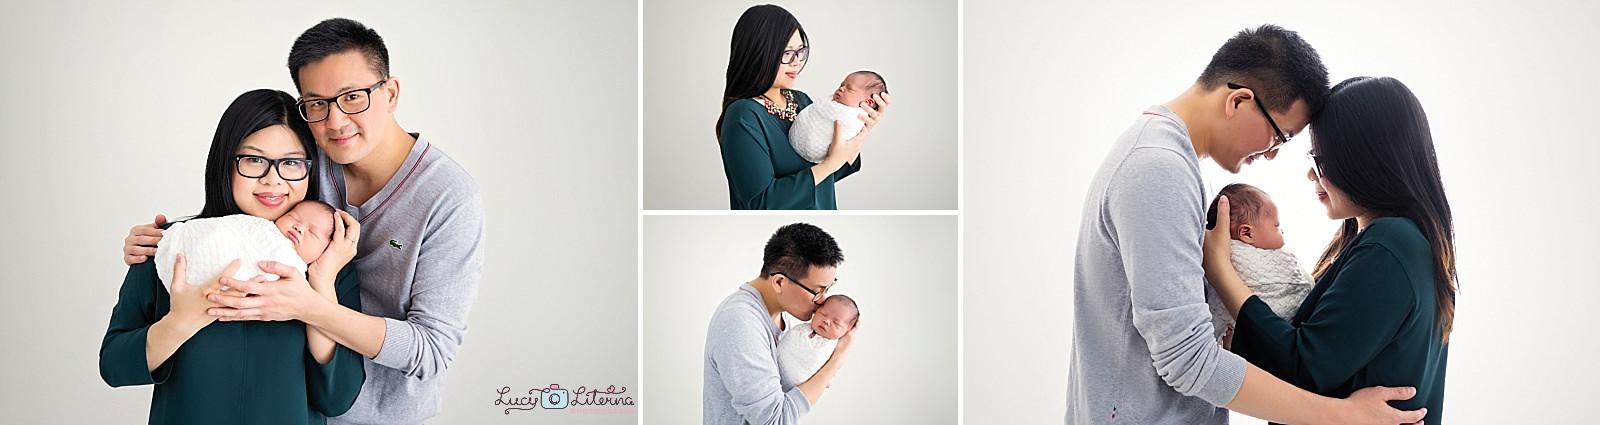 newborn baby photographer studio